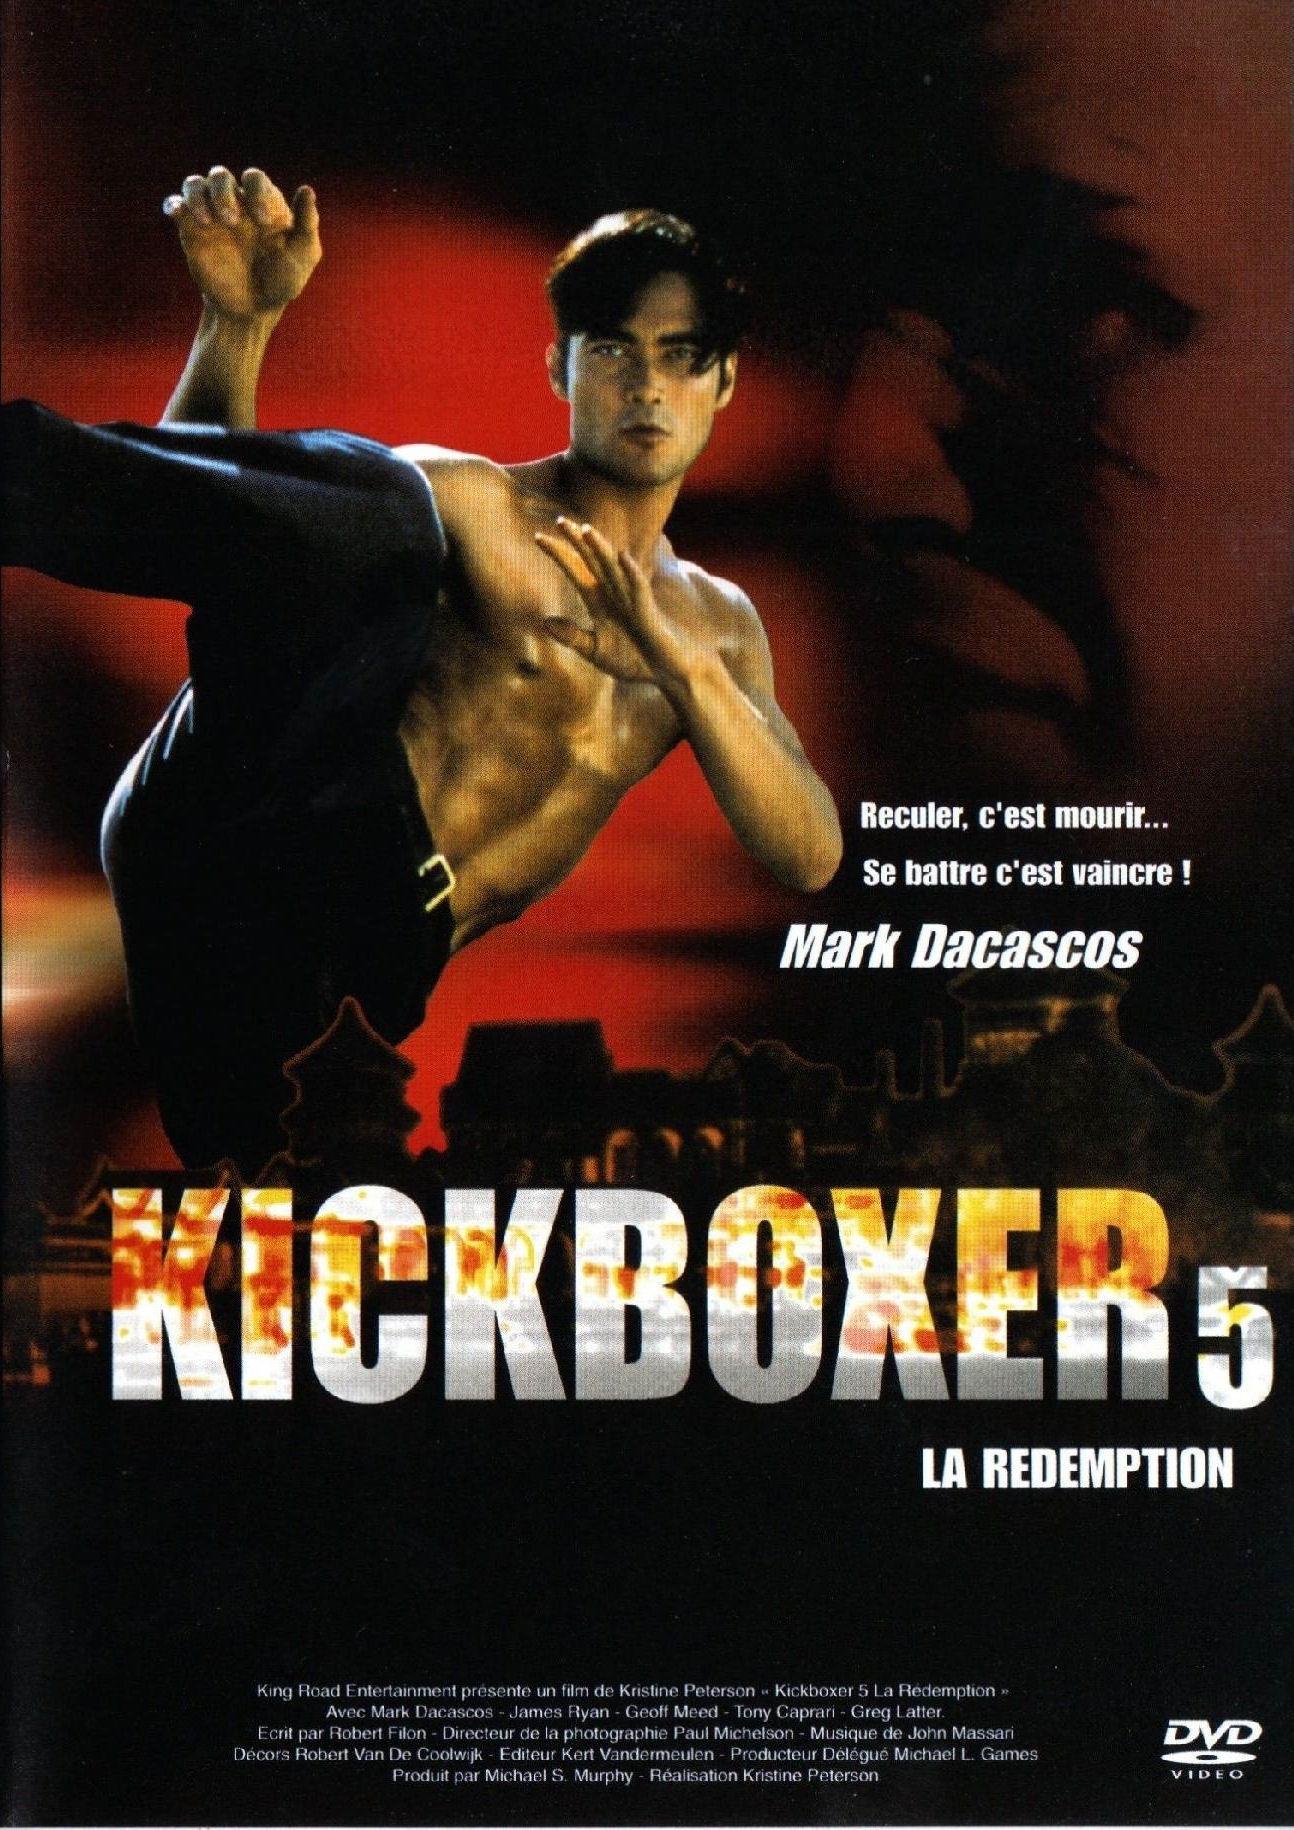 kickboxer 5 redemption 1995